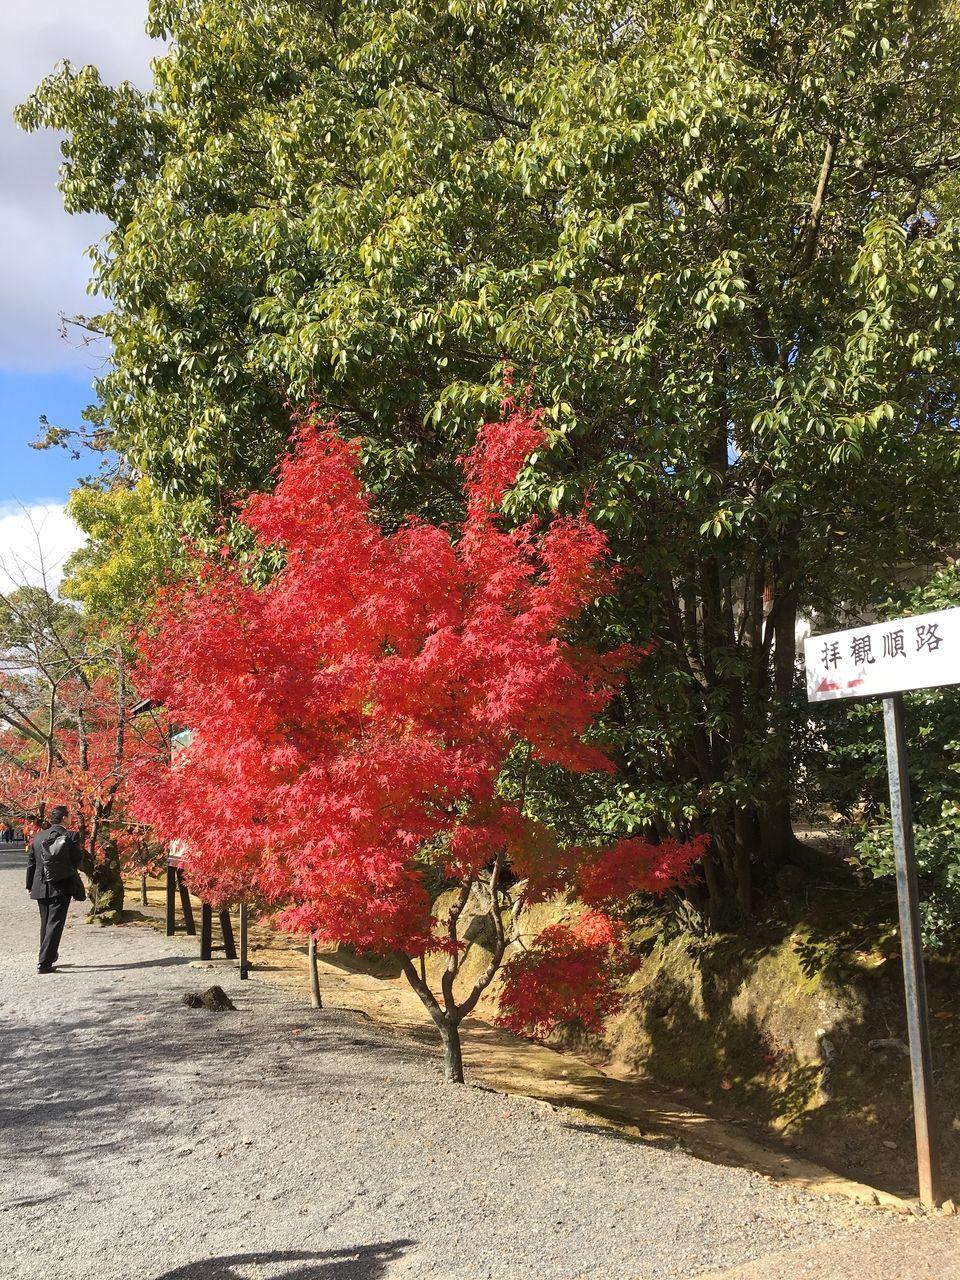 京都の日本料理「萬長」さんに行ってきました。